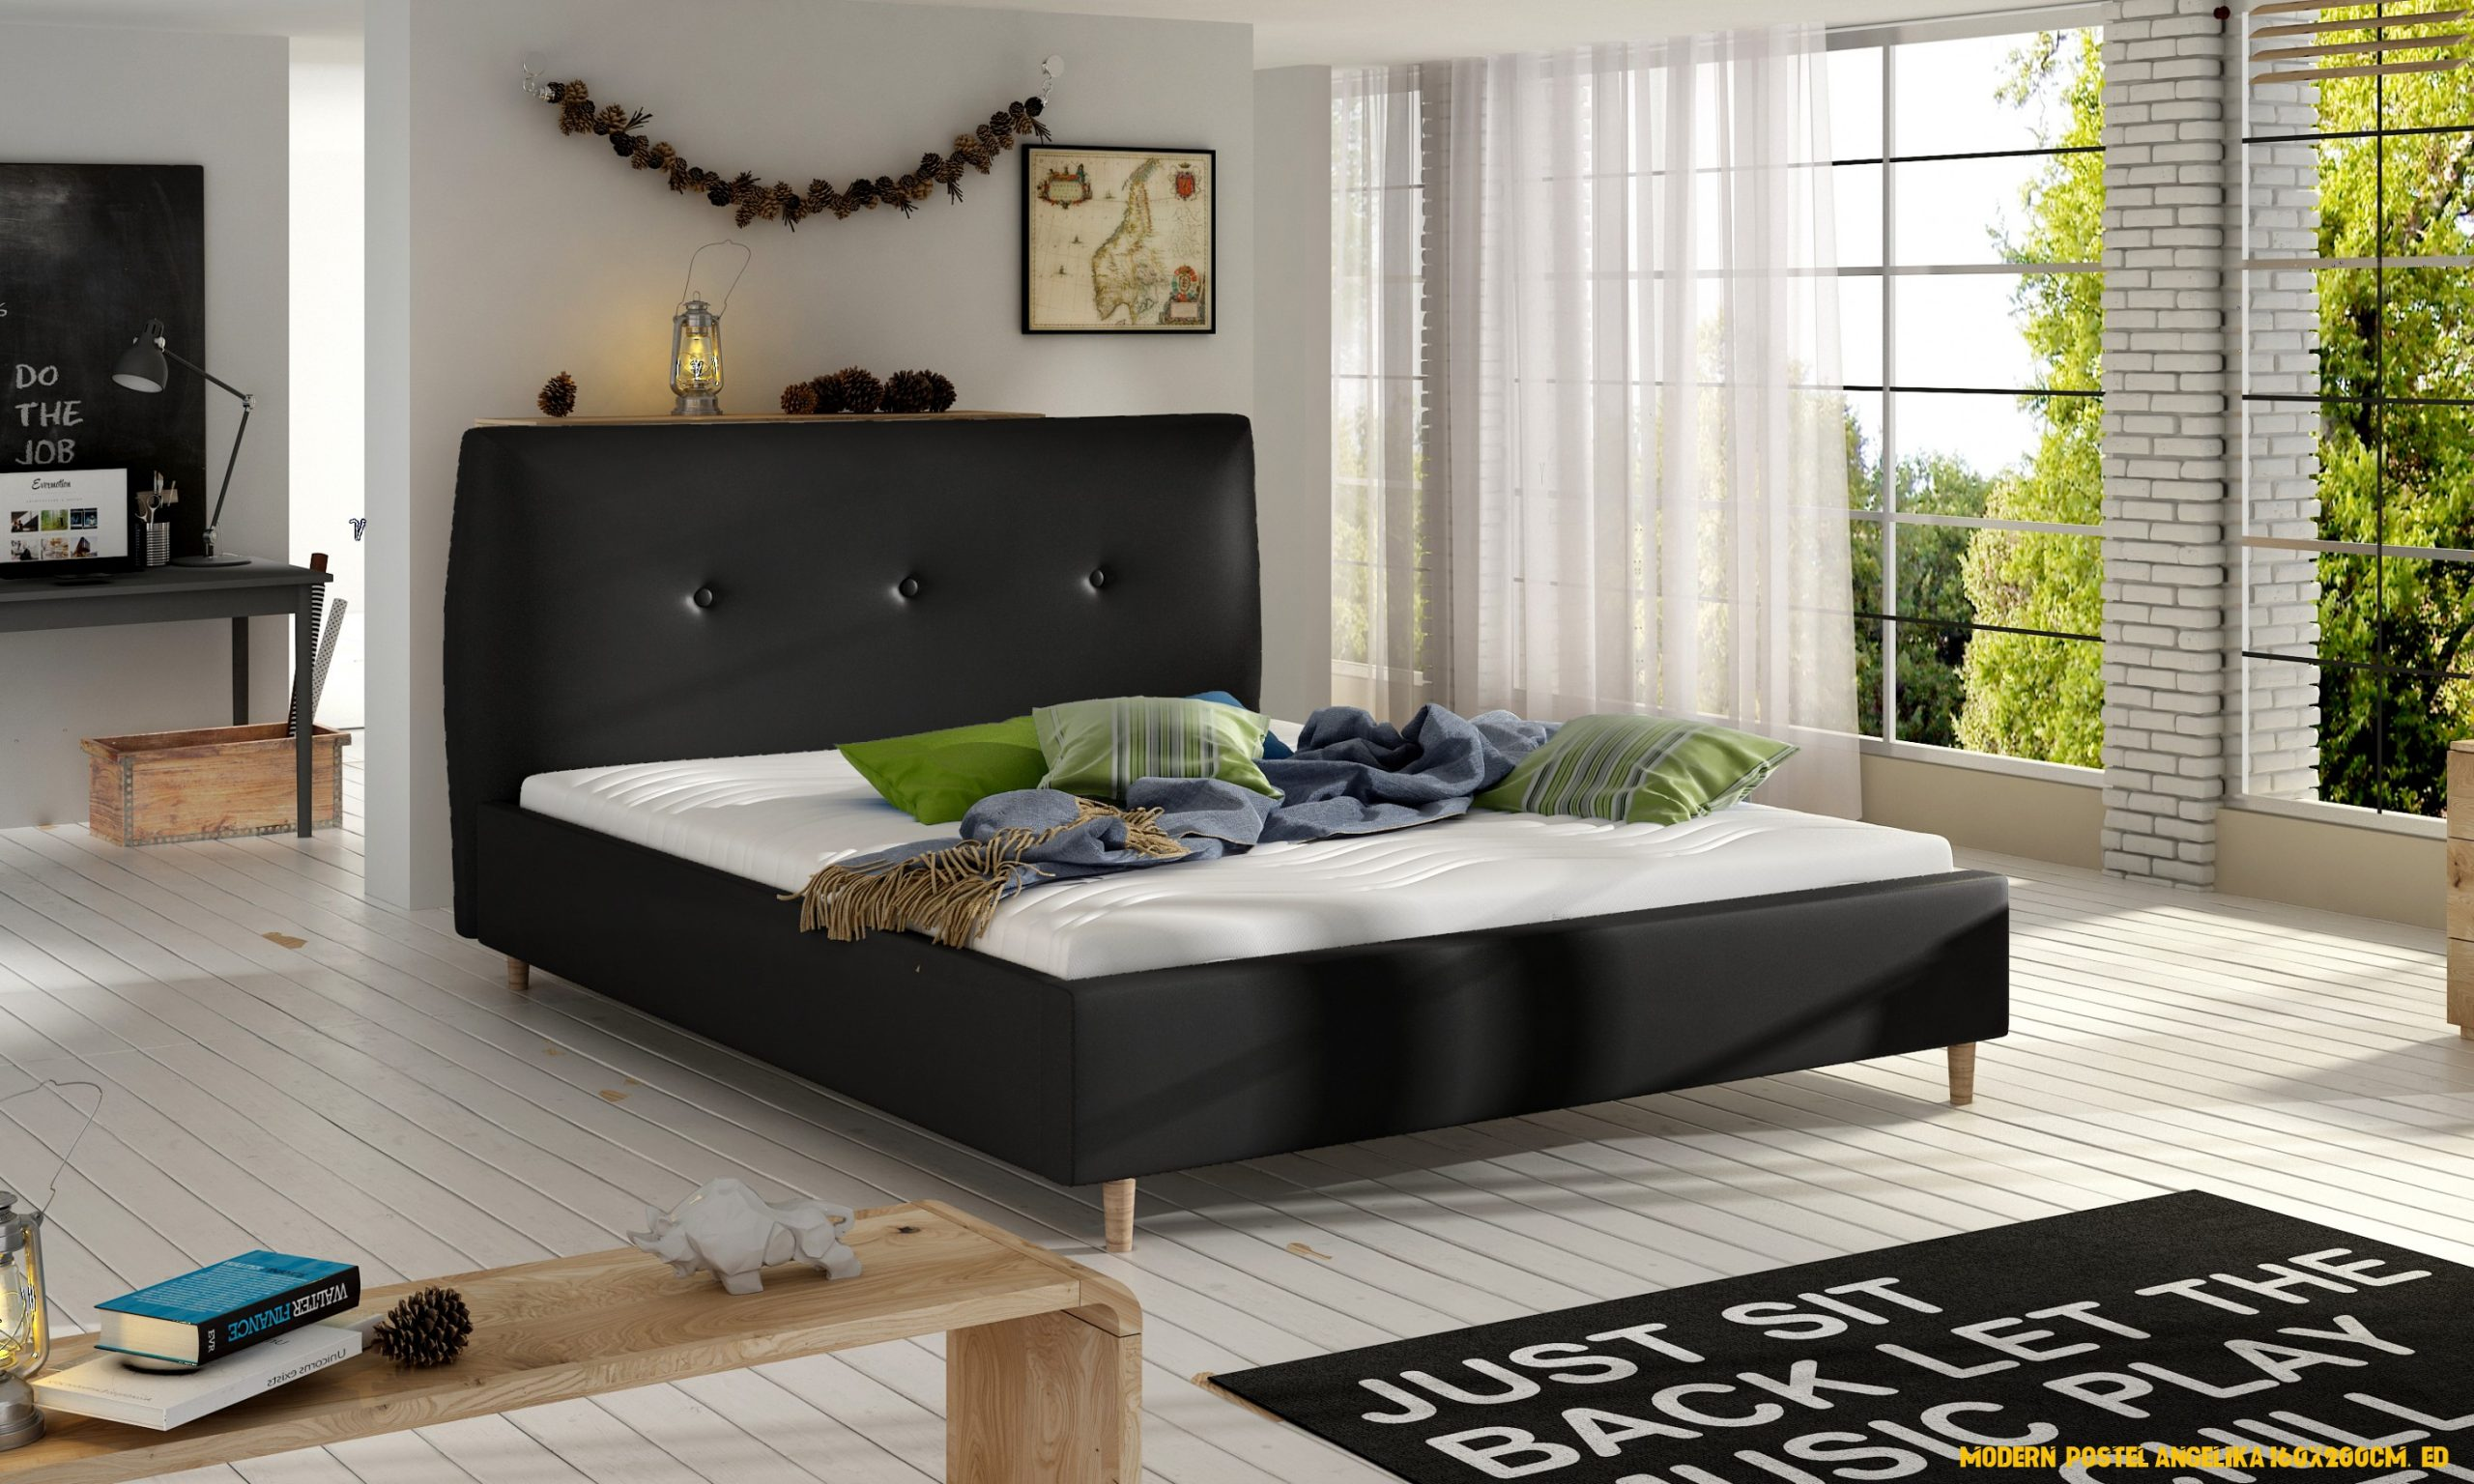 Moderni postel levně | Blesk zboží